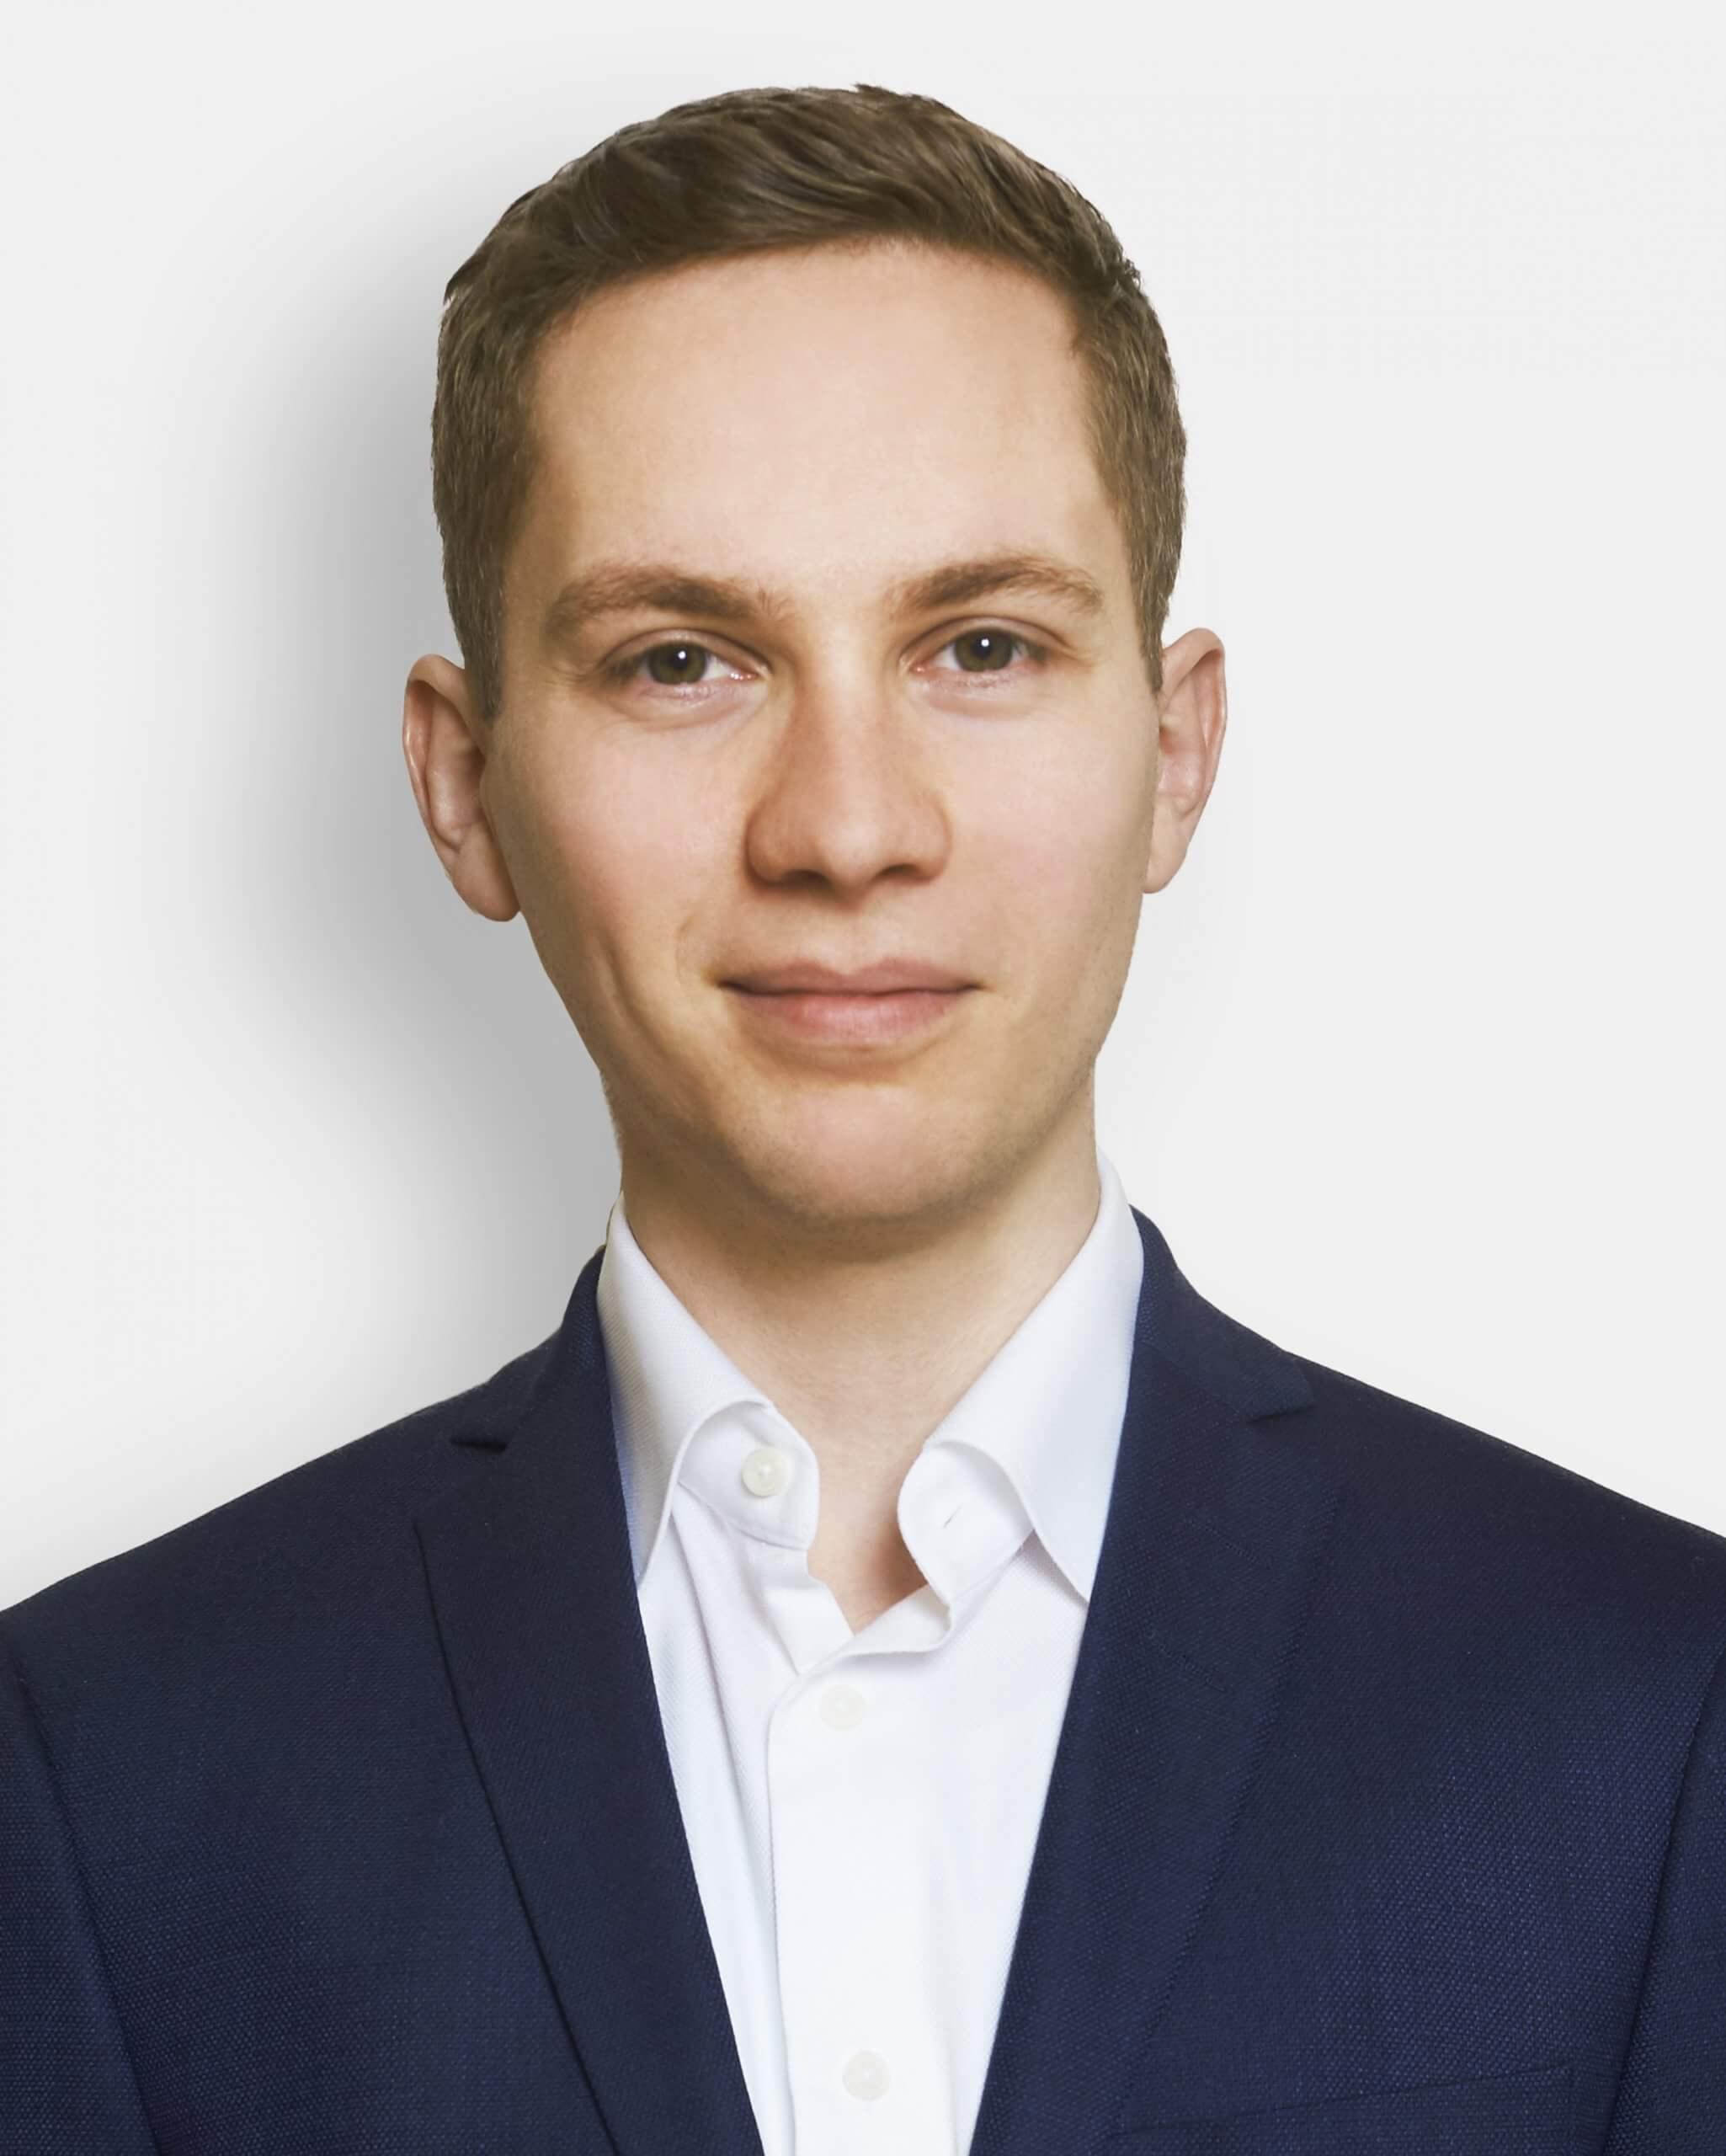 Jacob Bjerregaard Clausen